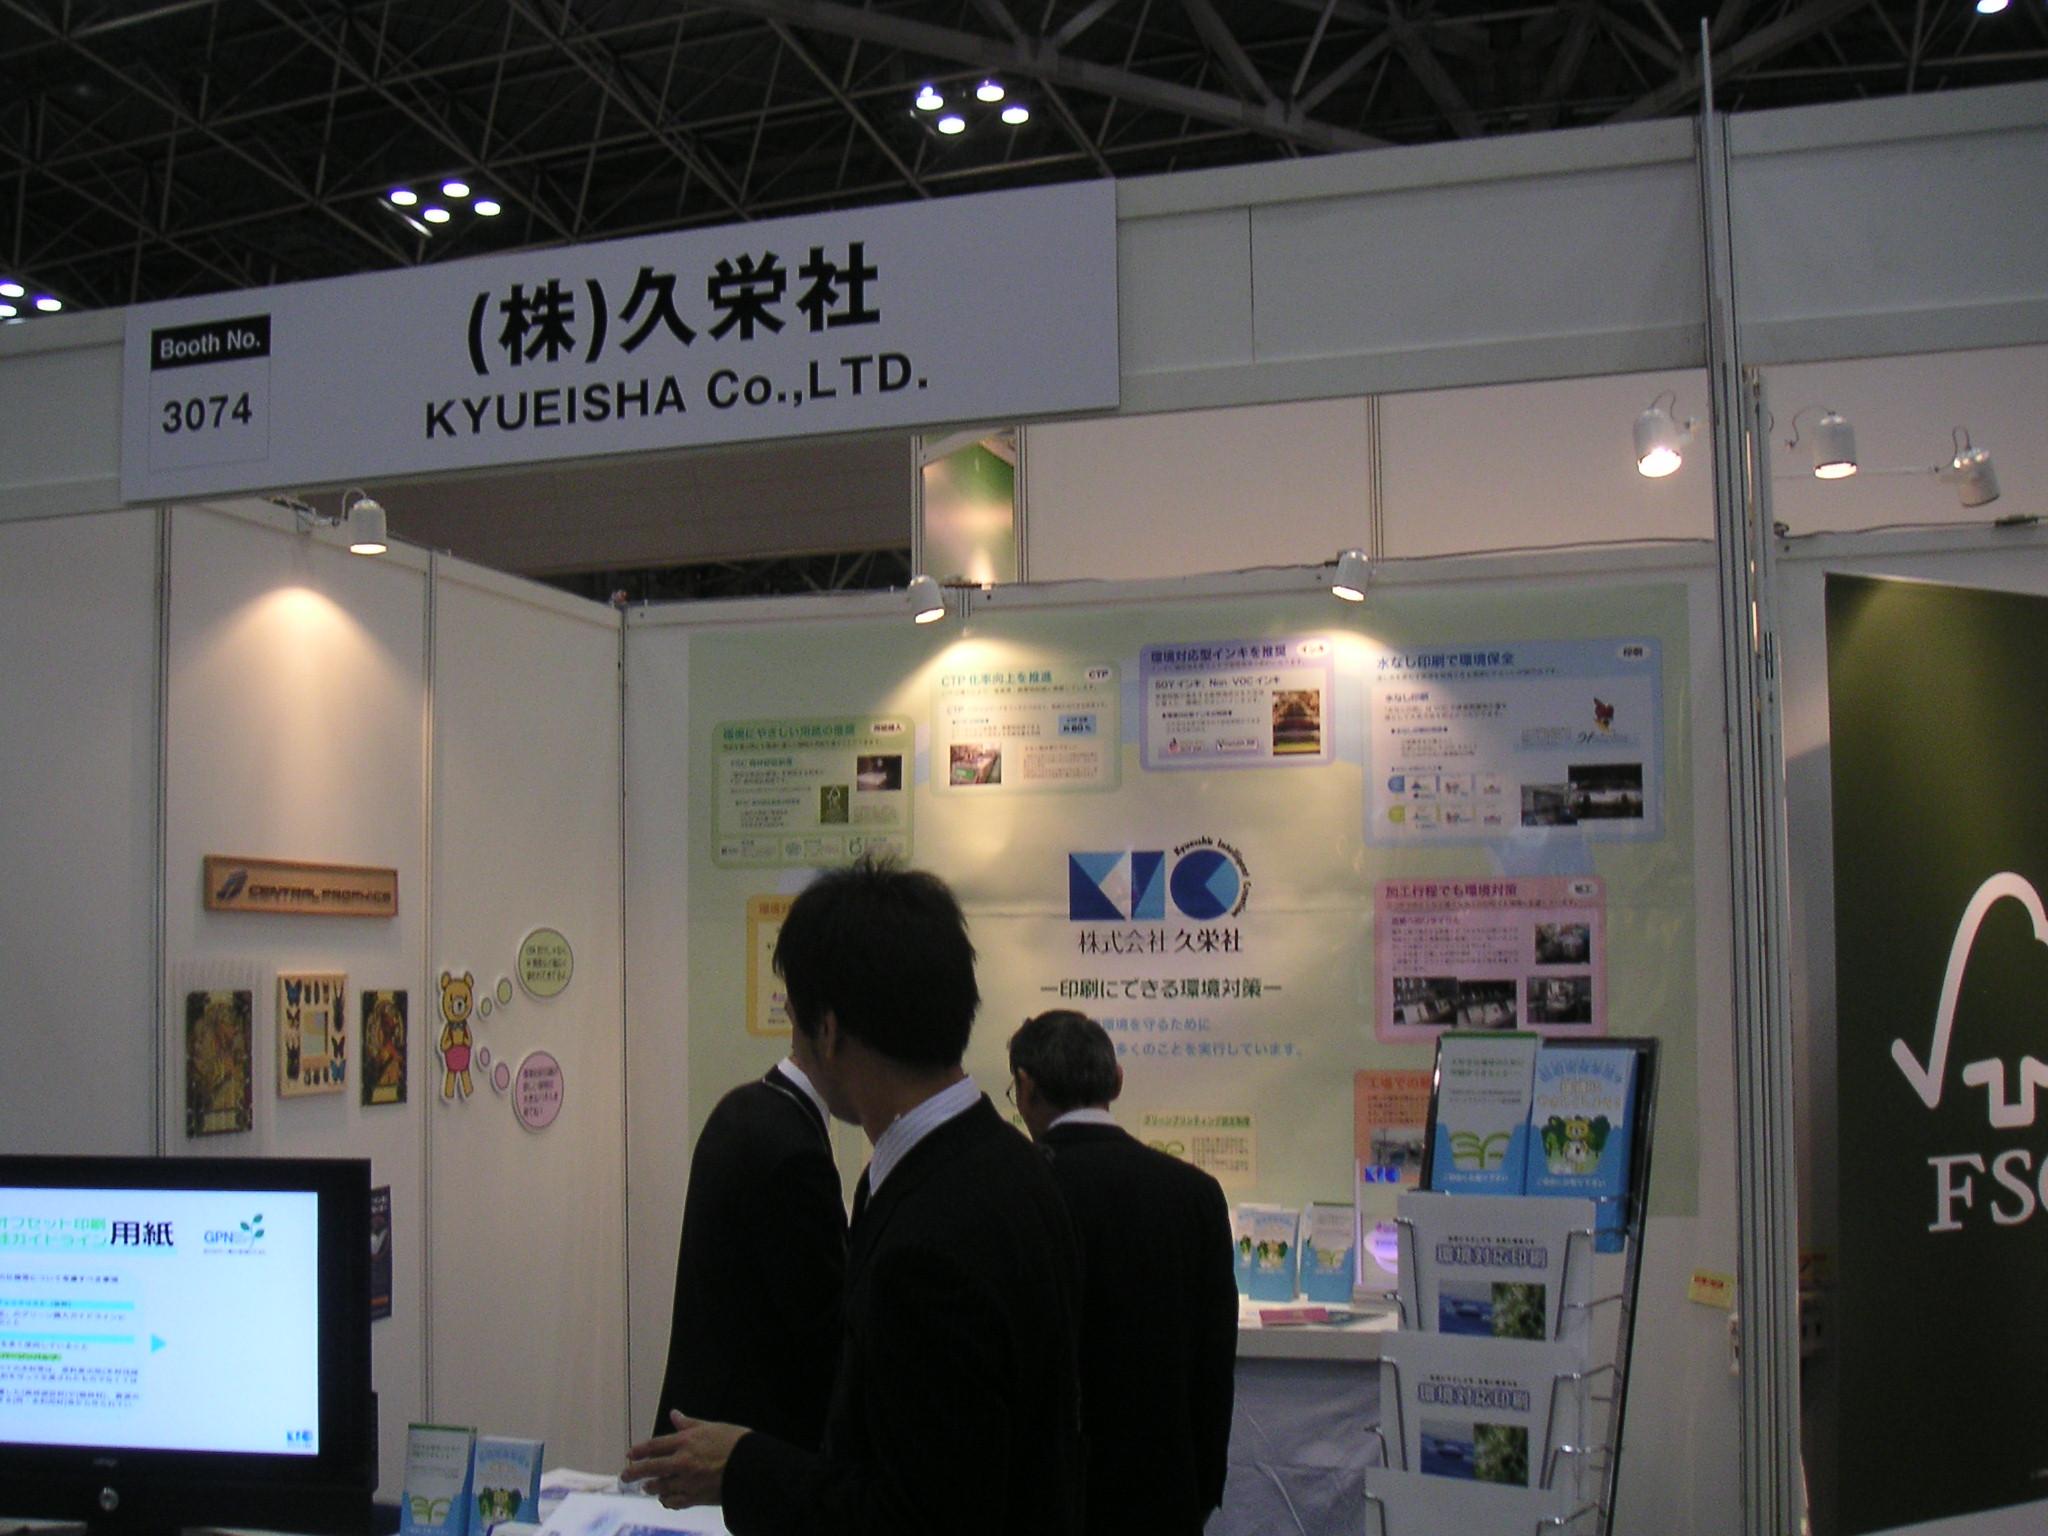 PICkyueisha.JPG